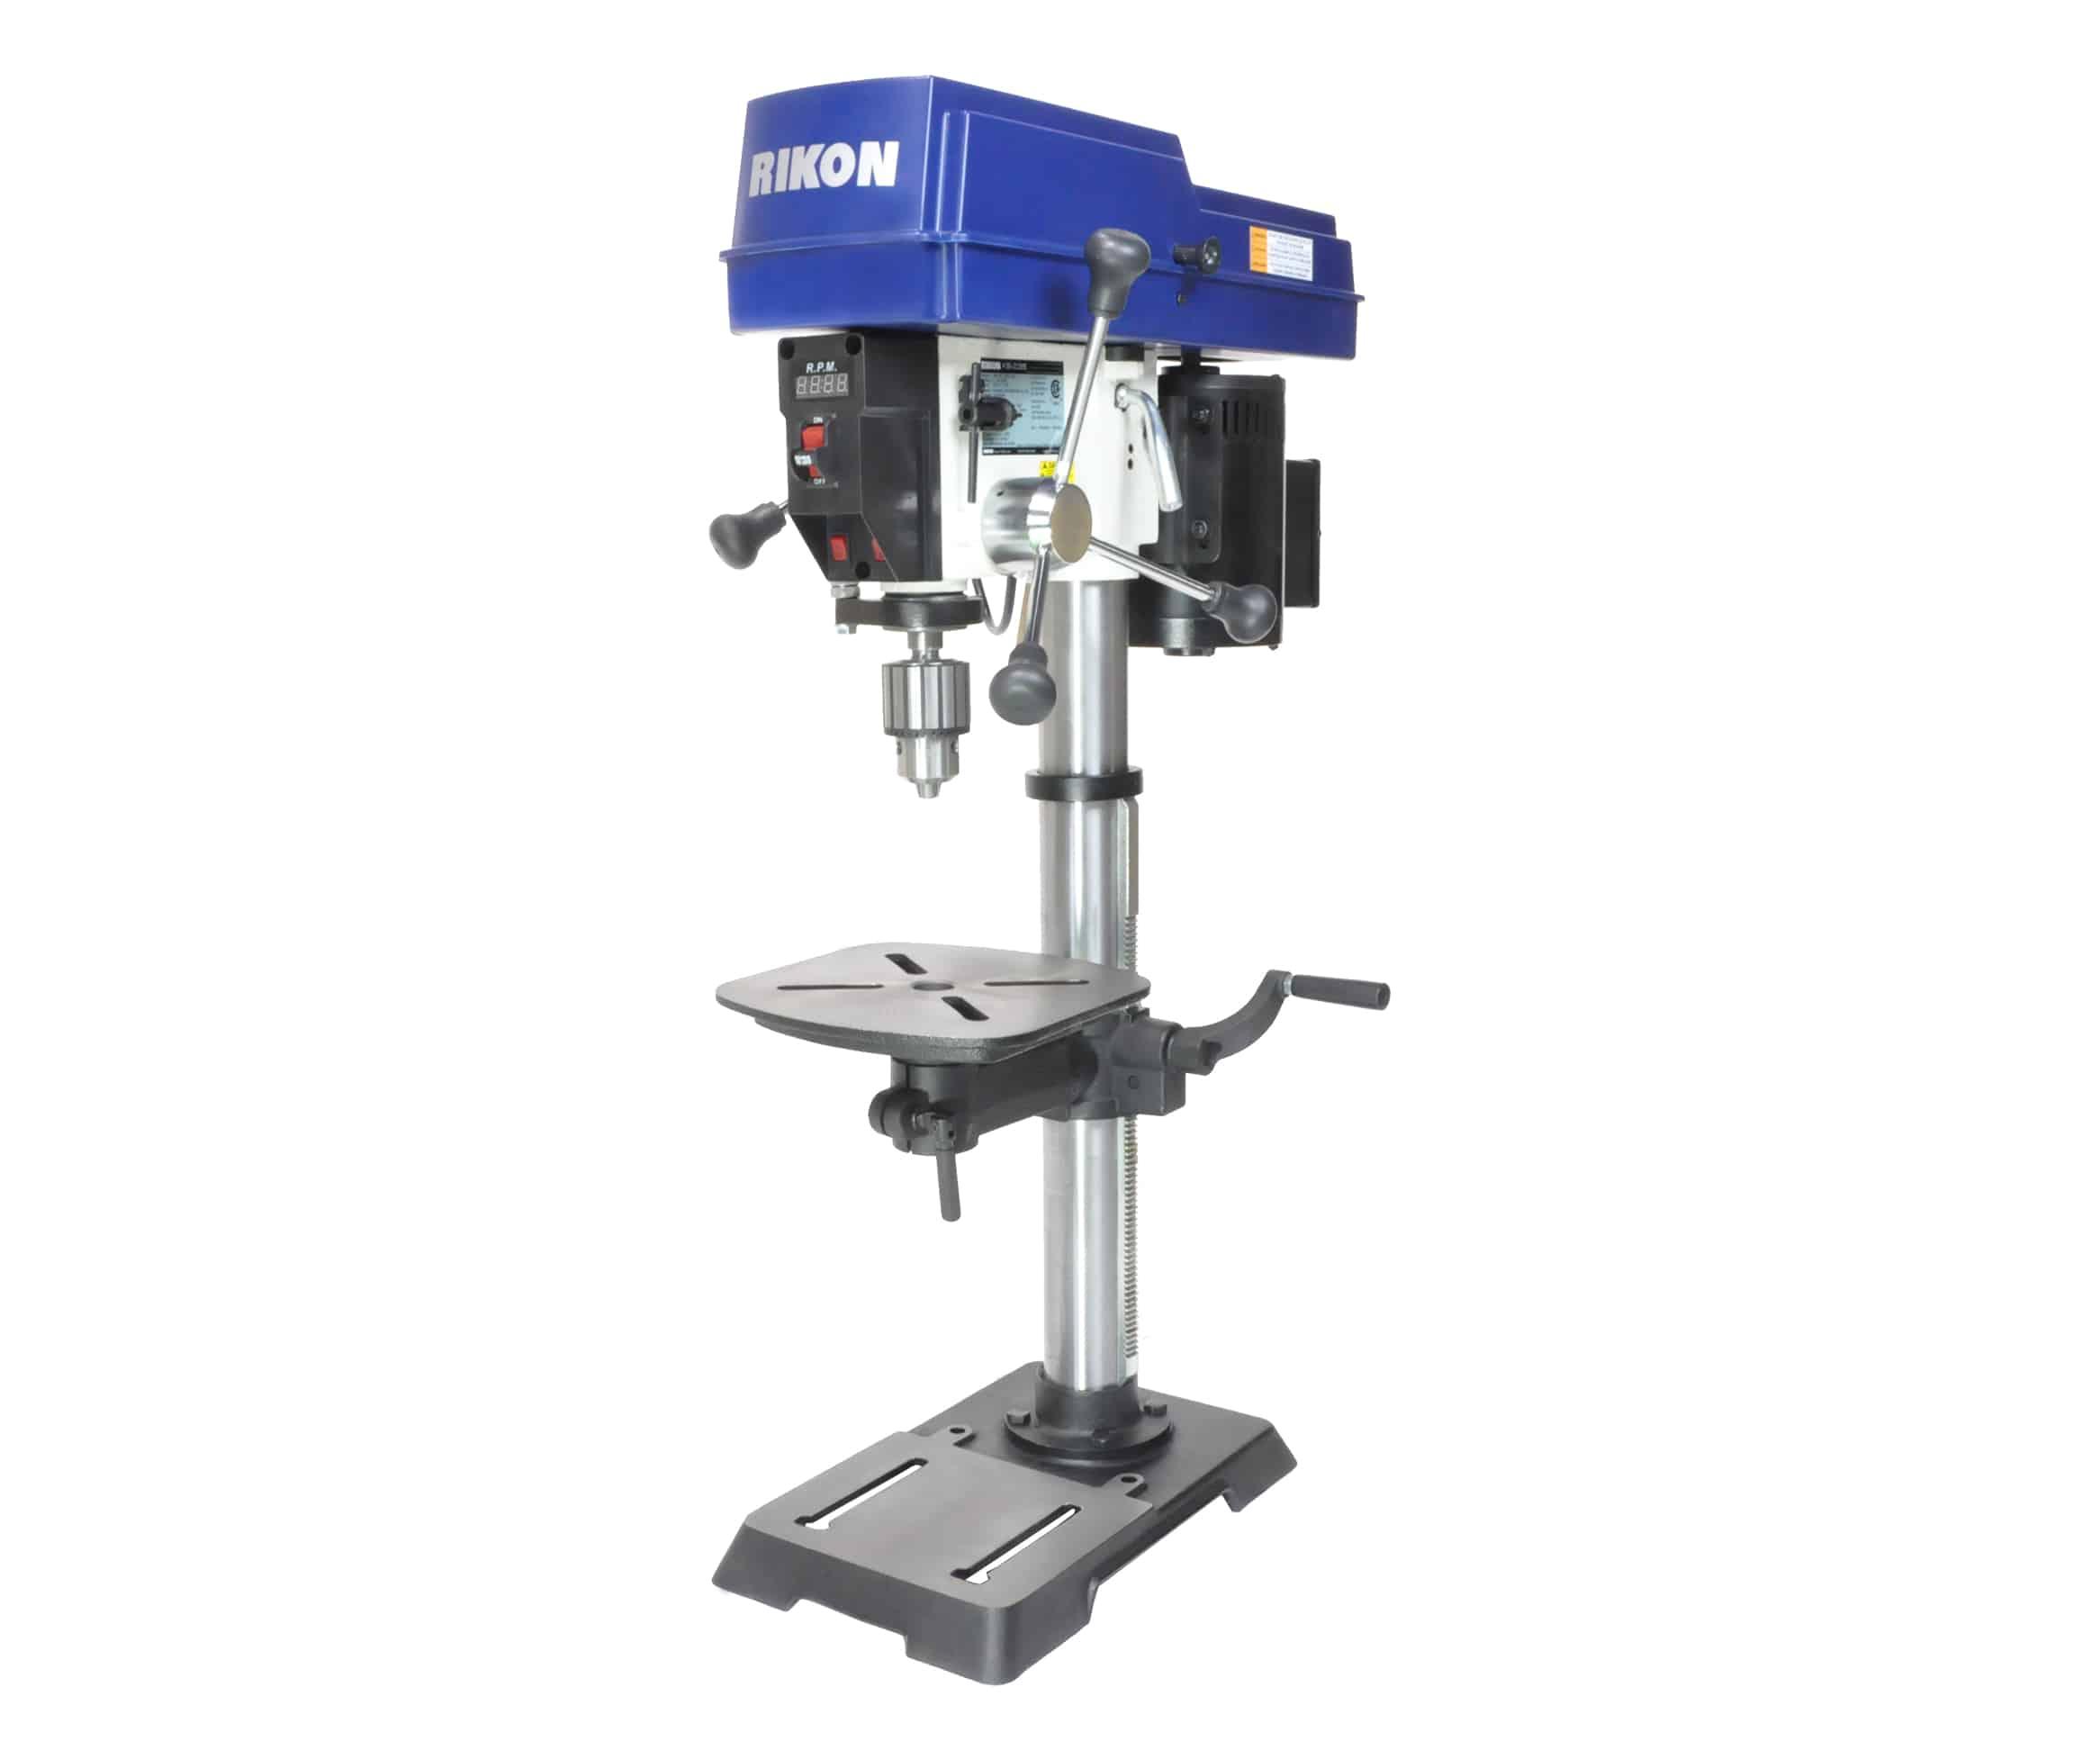 """Rikon 12"""" Drill Press"""